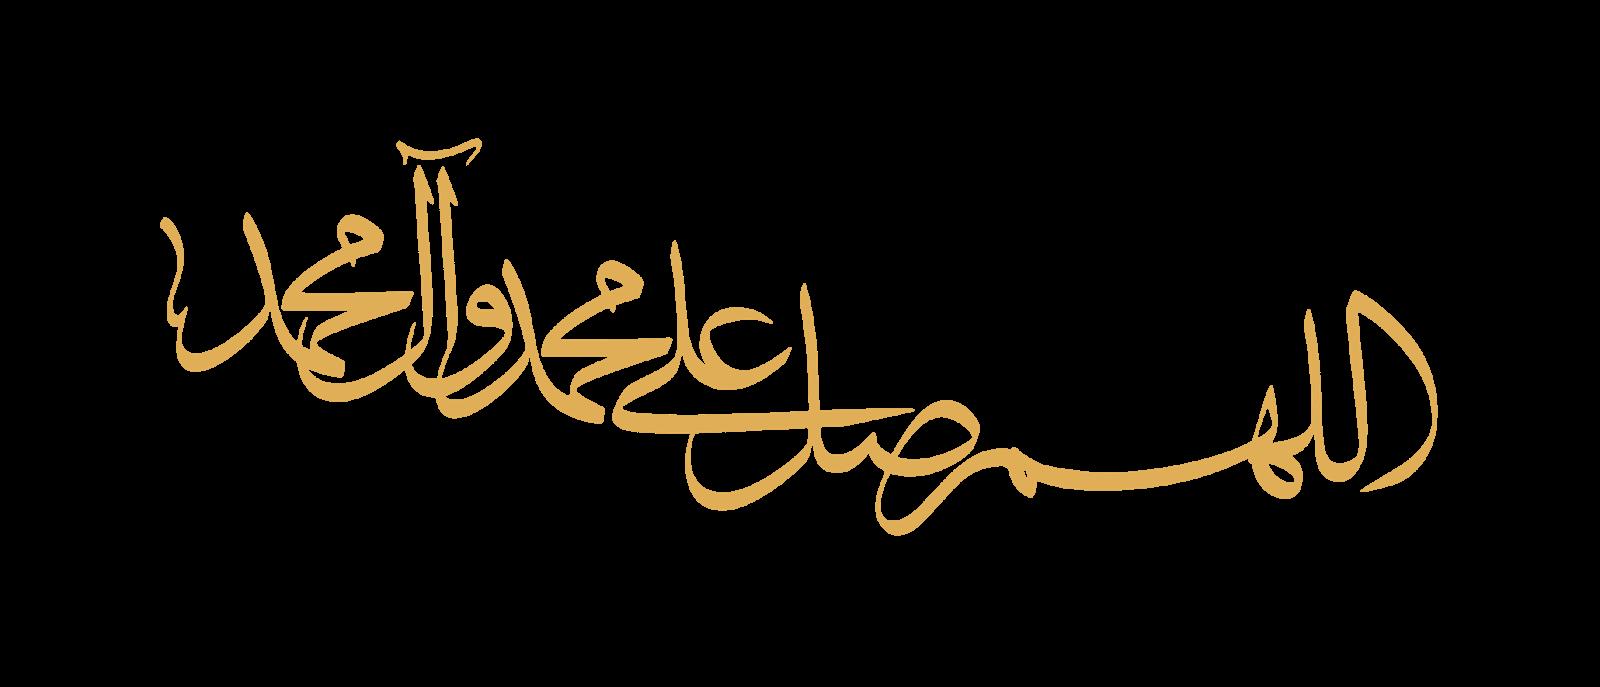 اللهم صل على محمد وآل محمد Png